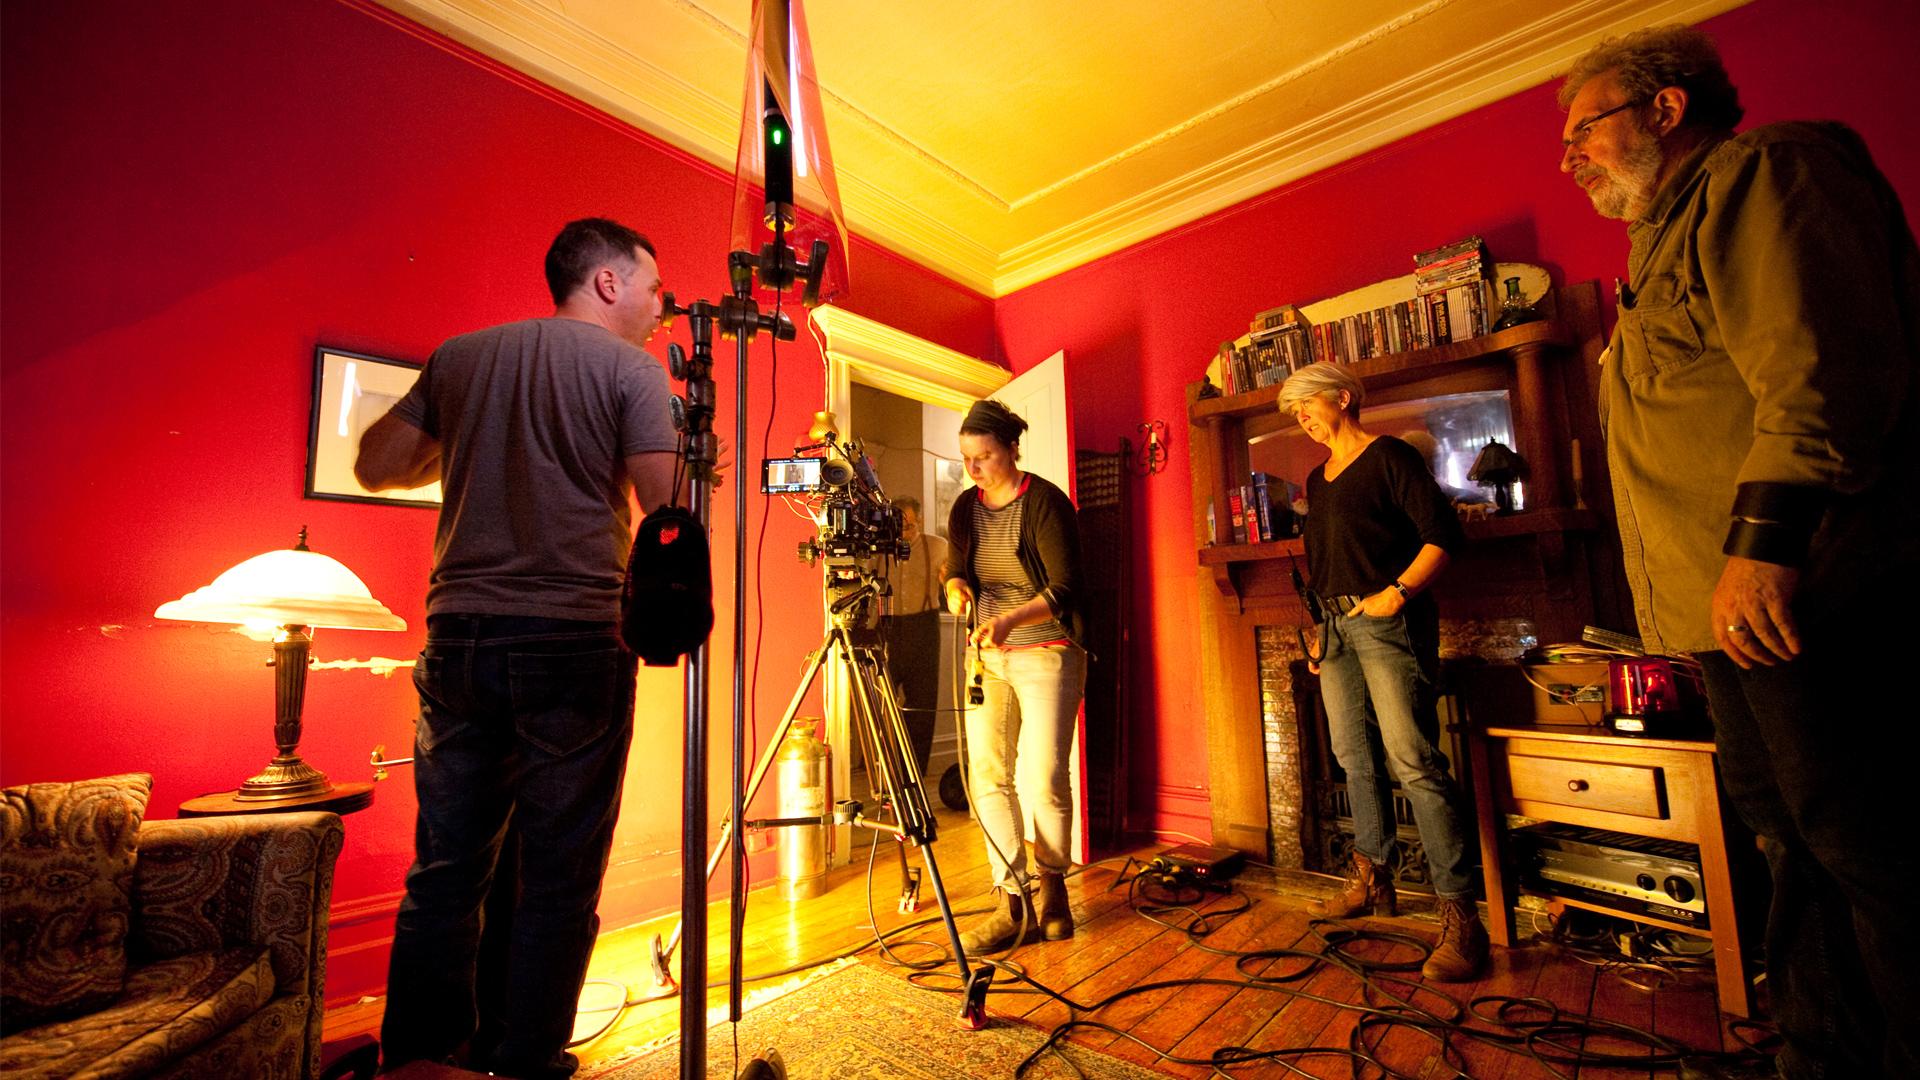 Direction de la photographie – La lumière